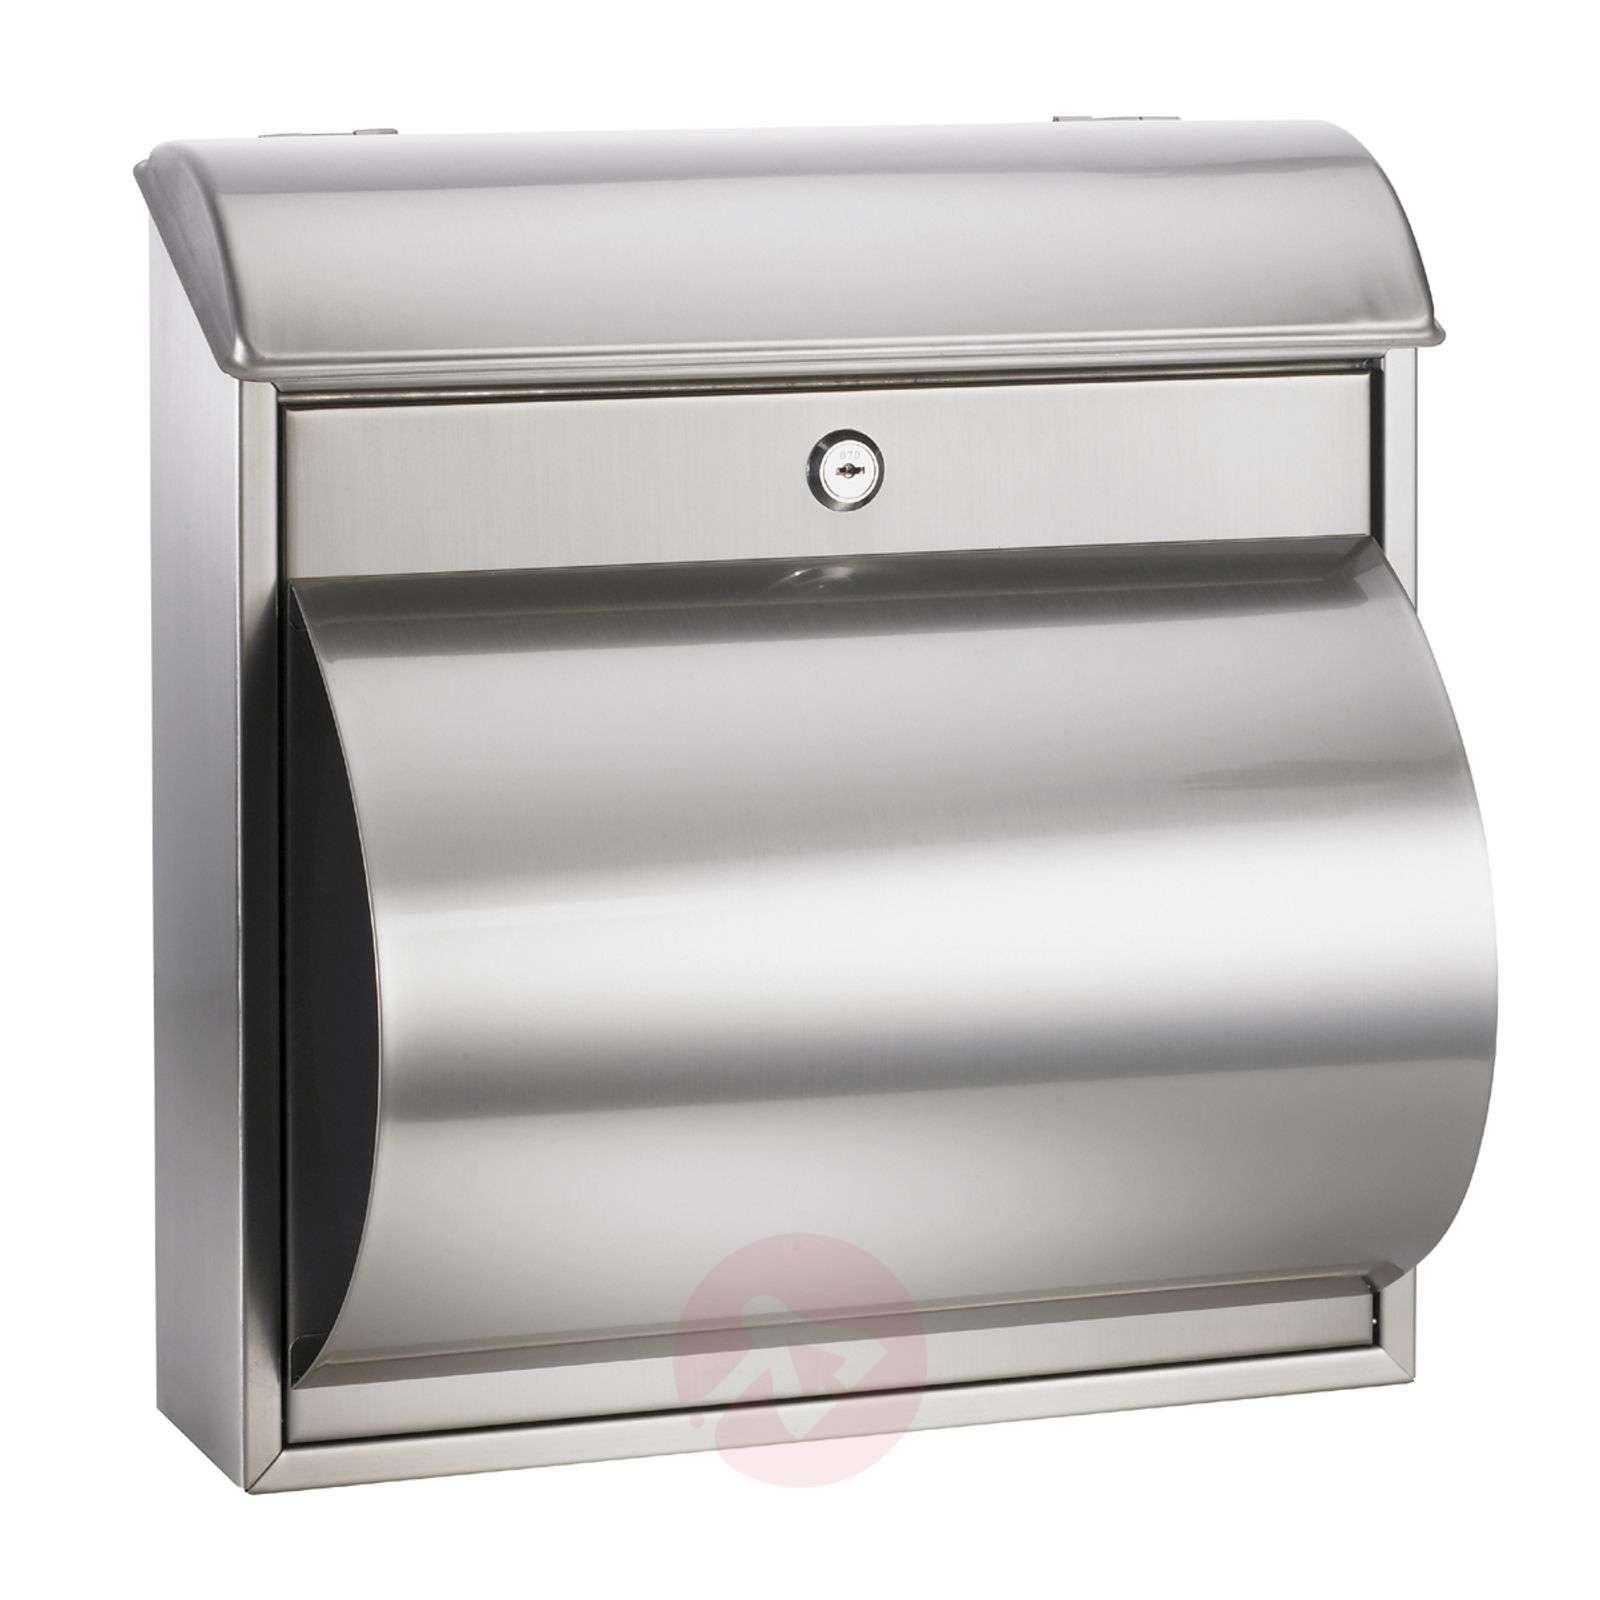 Kaunis Rain-postilaatikko, jossa on lehtilaatikko-1003097-01